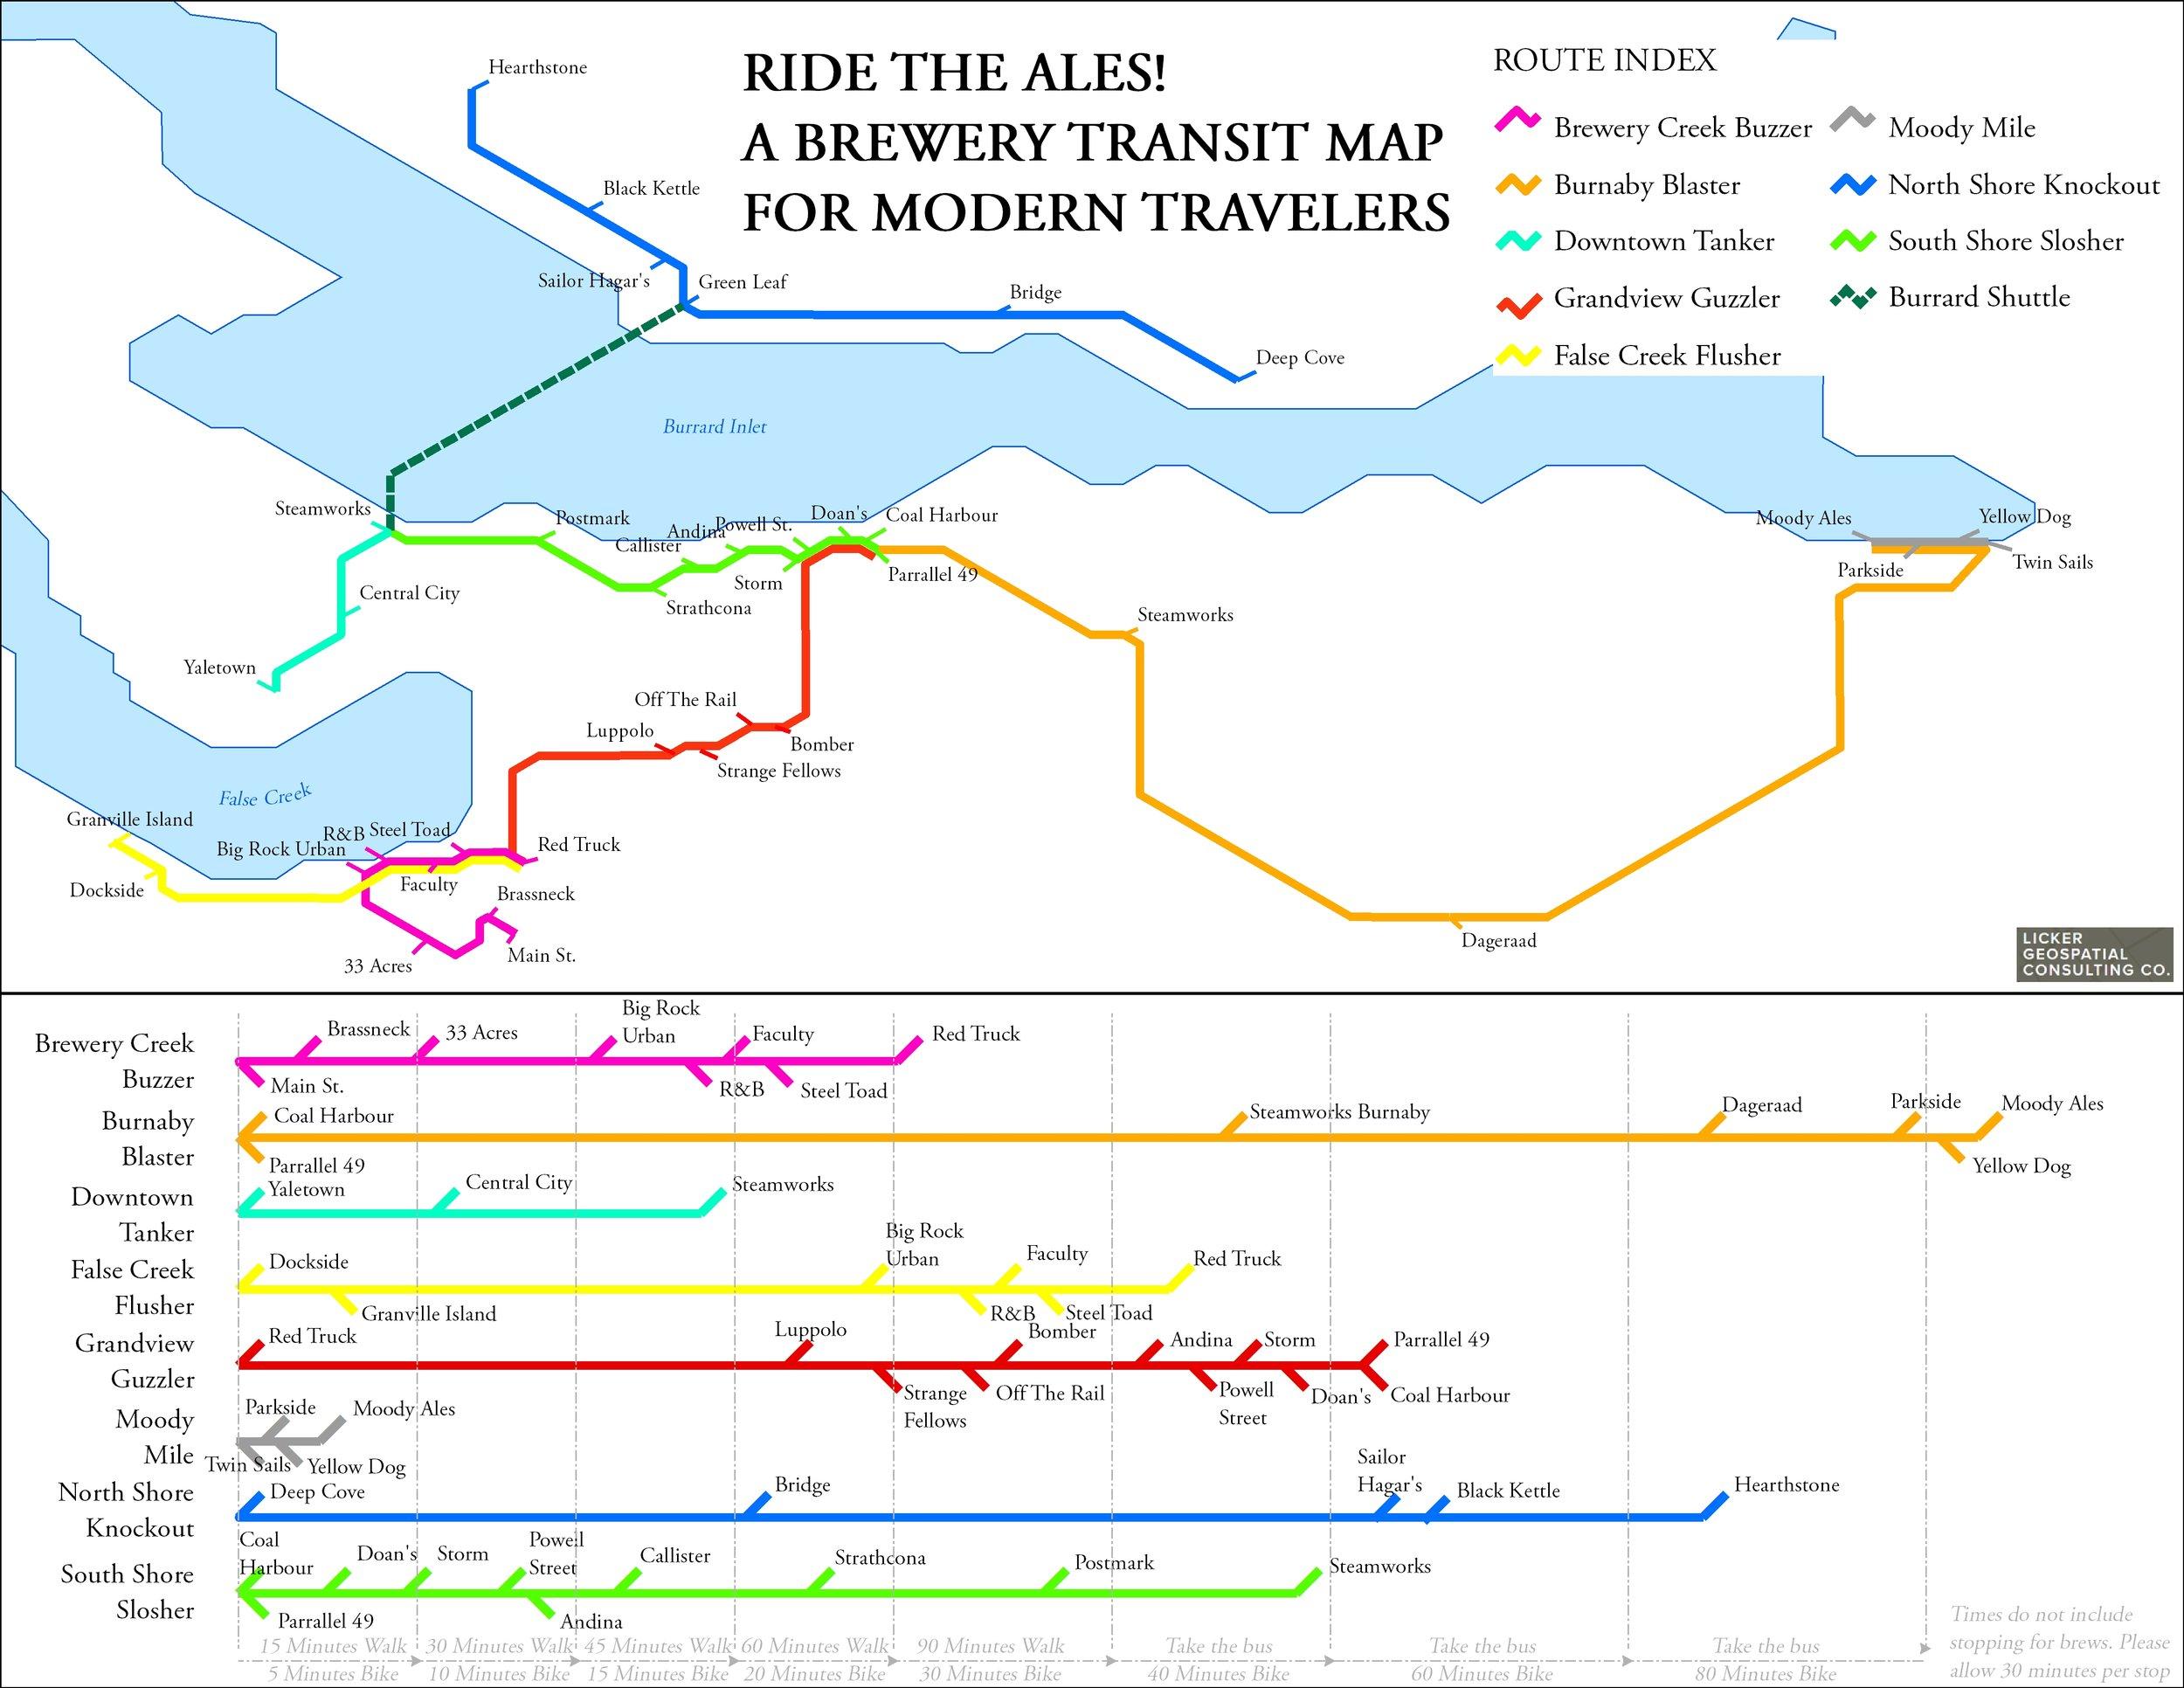 beermapFinal.jpg